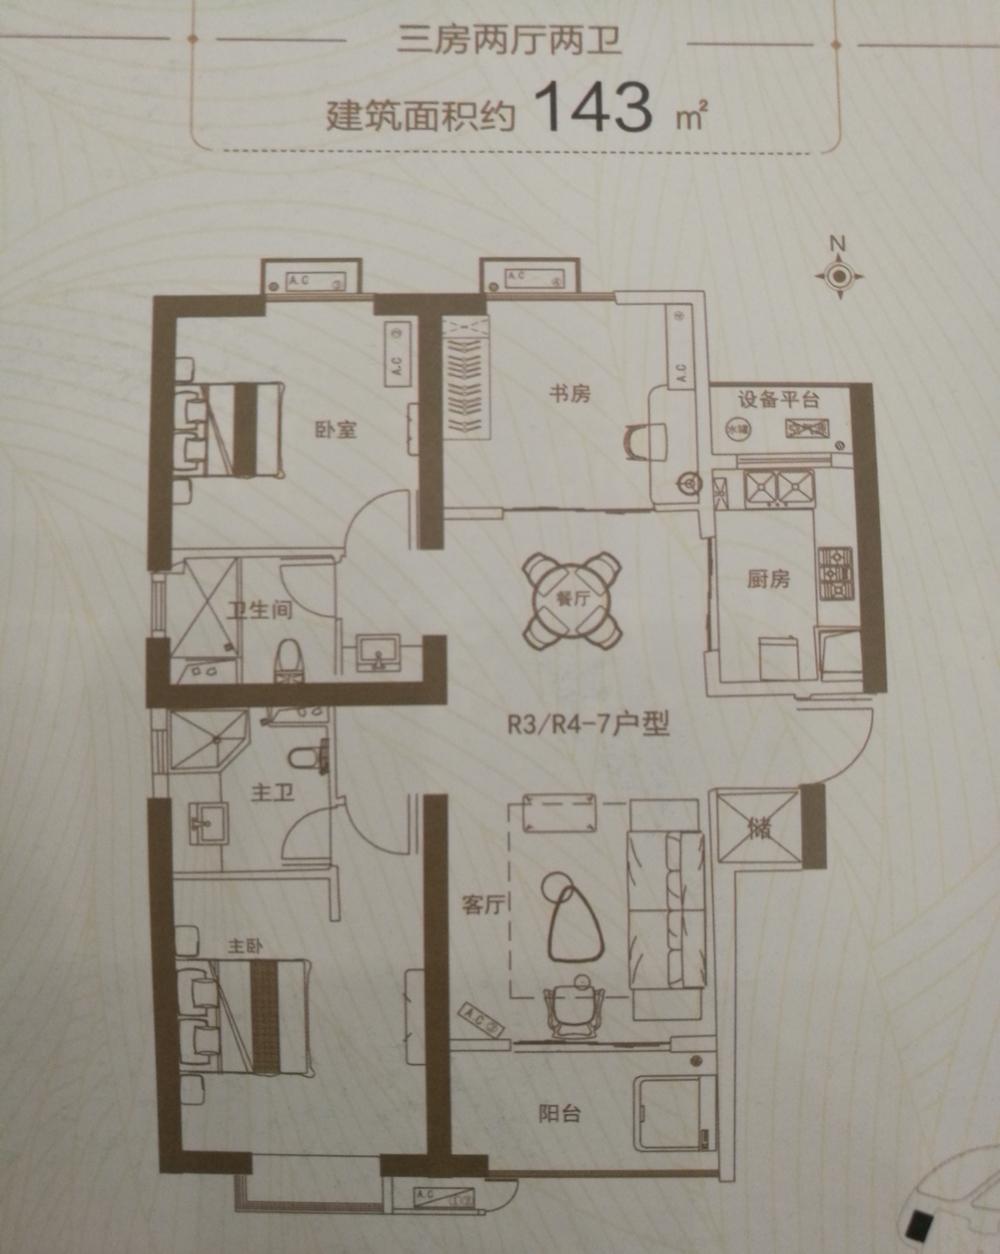 坝上街环球中心R3#、R4#楼143㎡户型